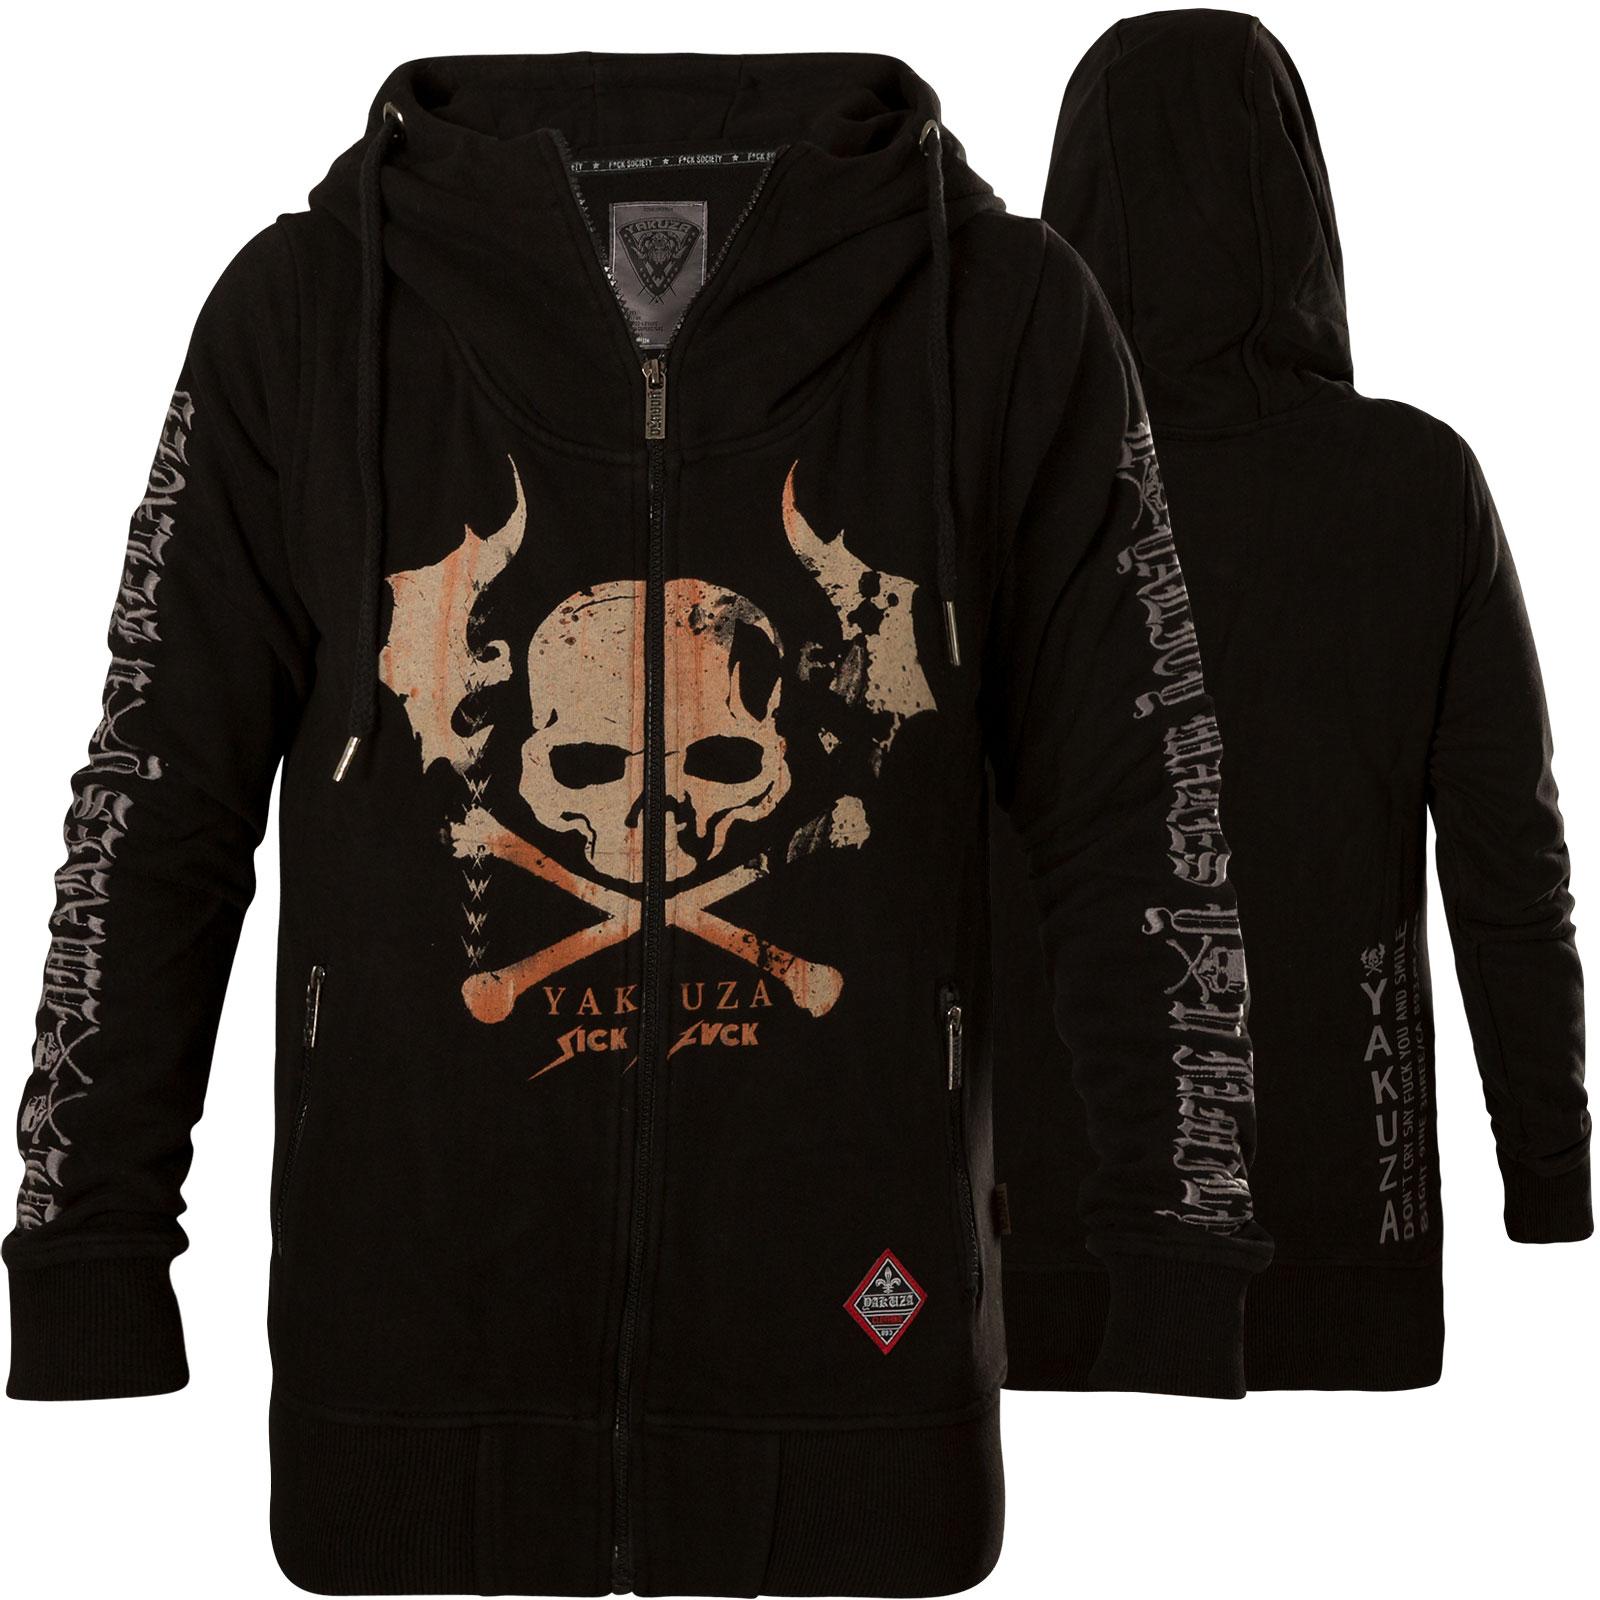 7bc073a2e45281 Yakuza Hoody Flying Skull Zip Hoodie GHZB-13112 mit großem Totenkopf